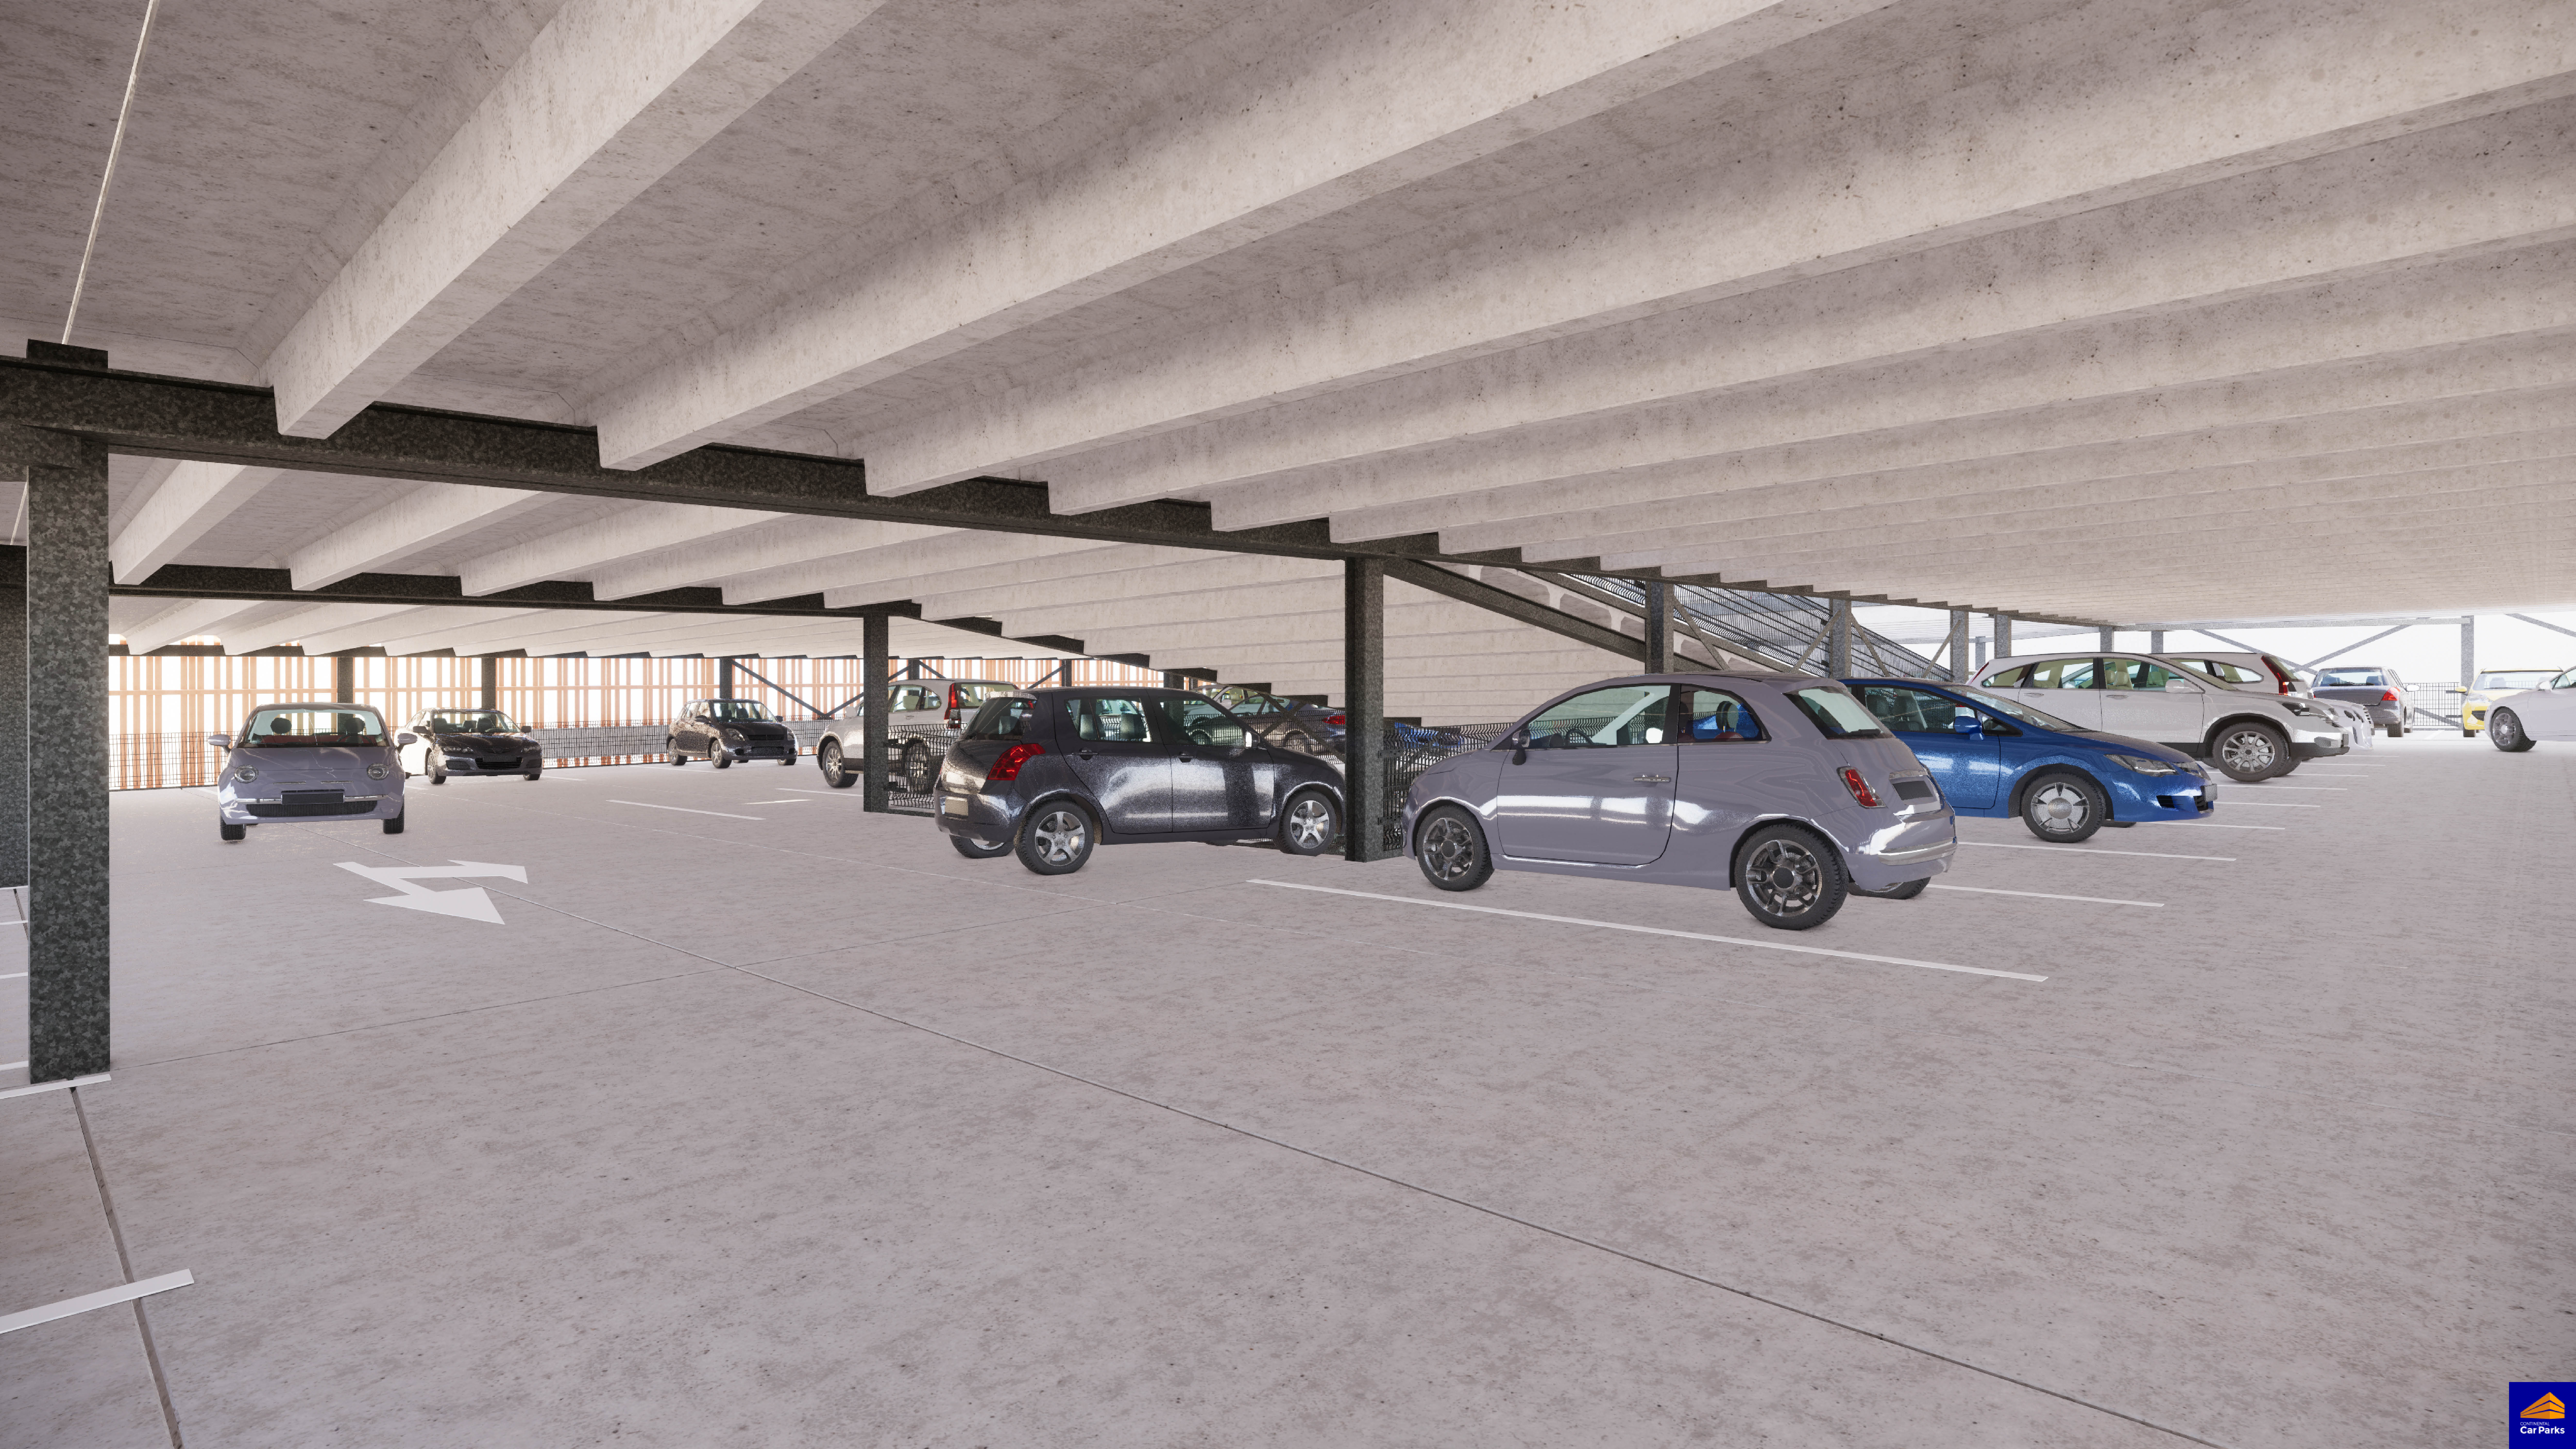 Contract voor tijdelijke parkeergarage Arsenaal Venlo